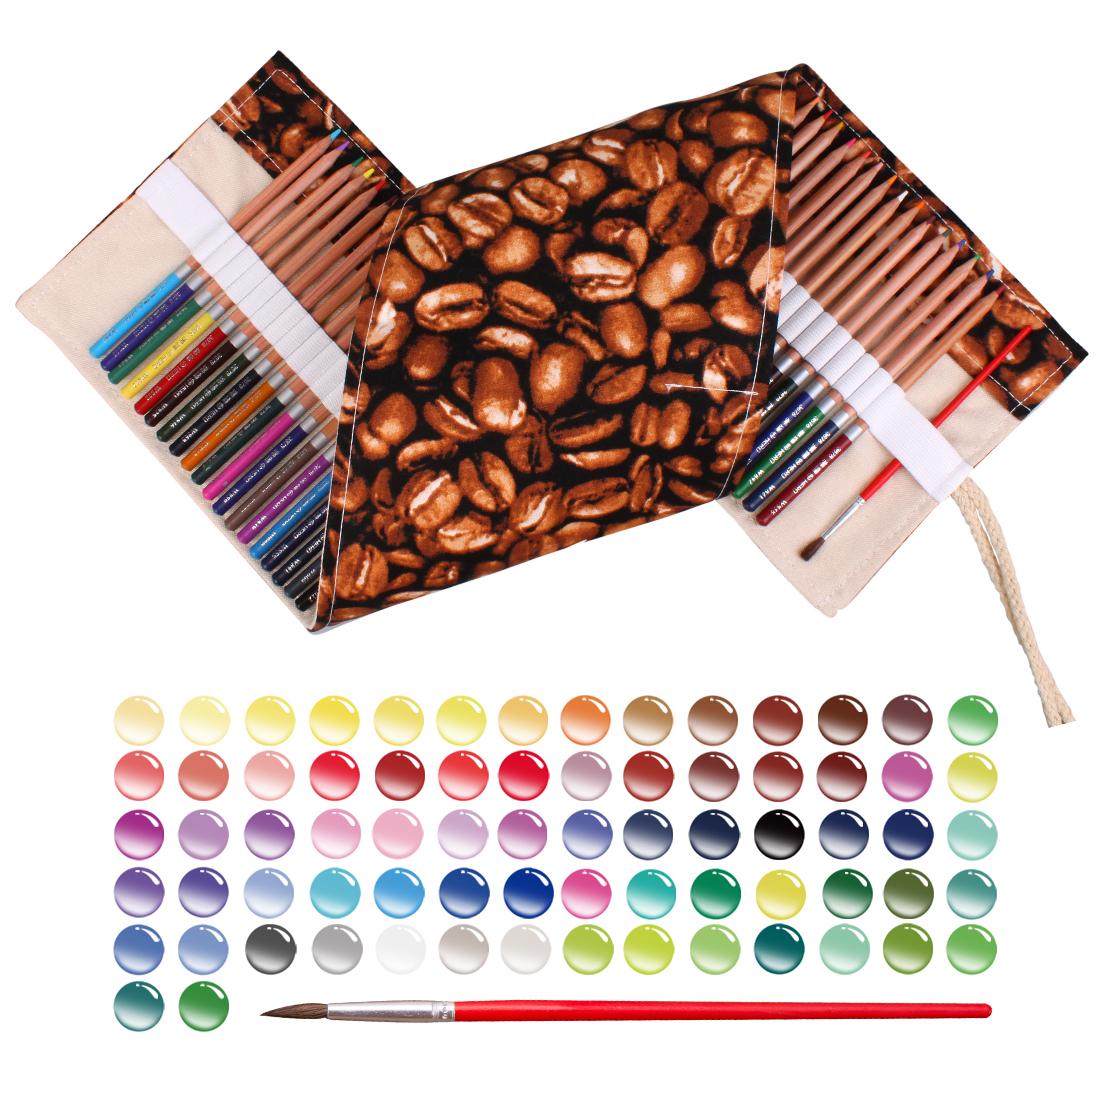 Coloring book untuk dewasa - China Hero Best Watercolor Pencils 72 Colored Pencil For Adult Coloring Books Art Sketching Water Color